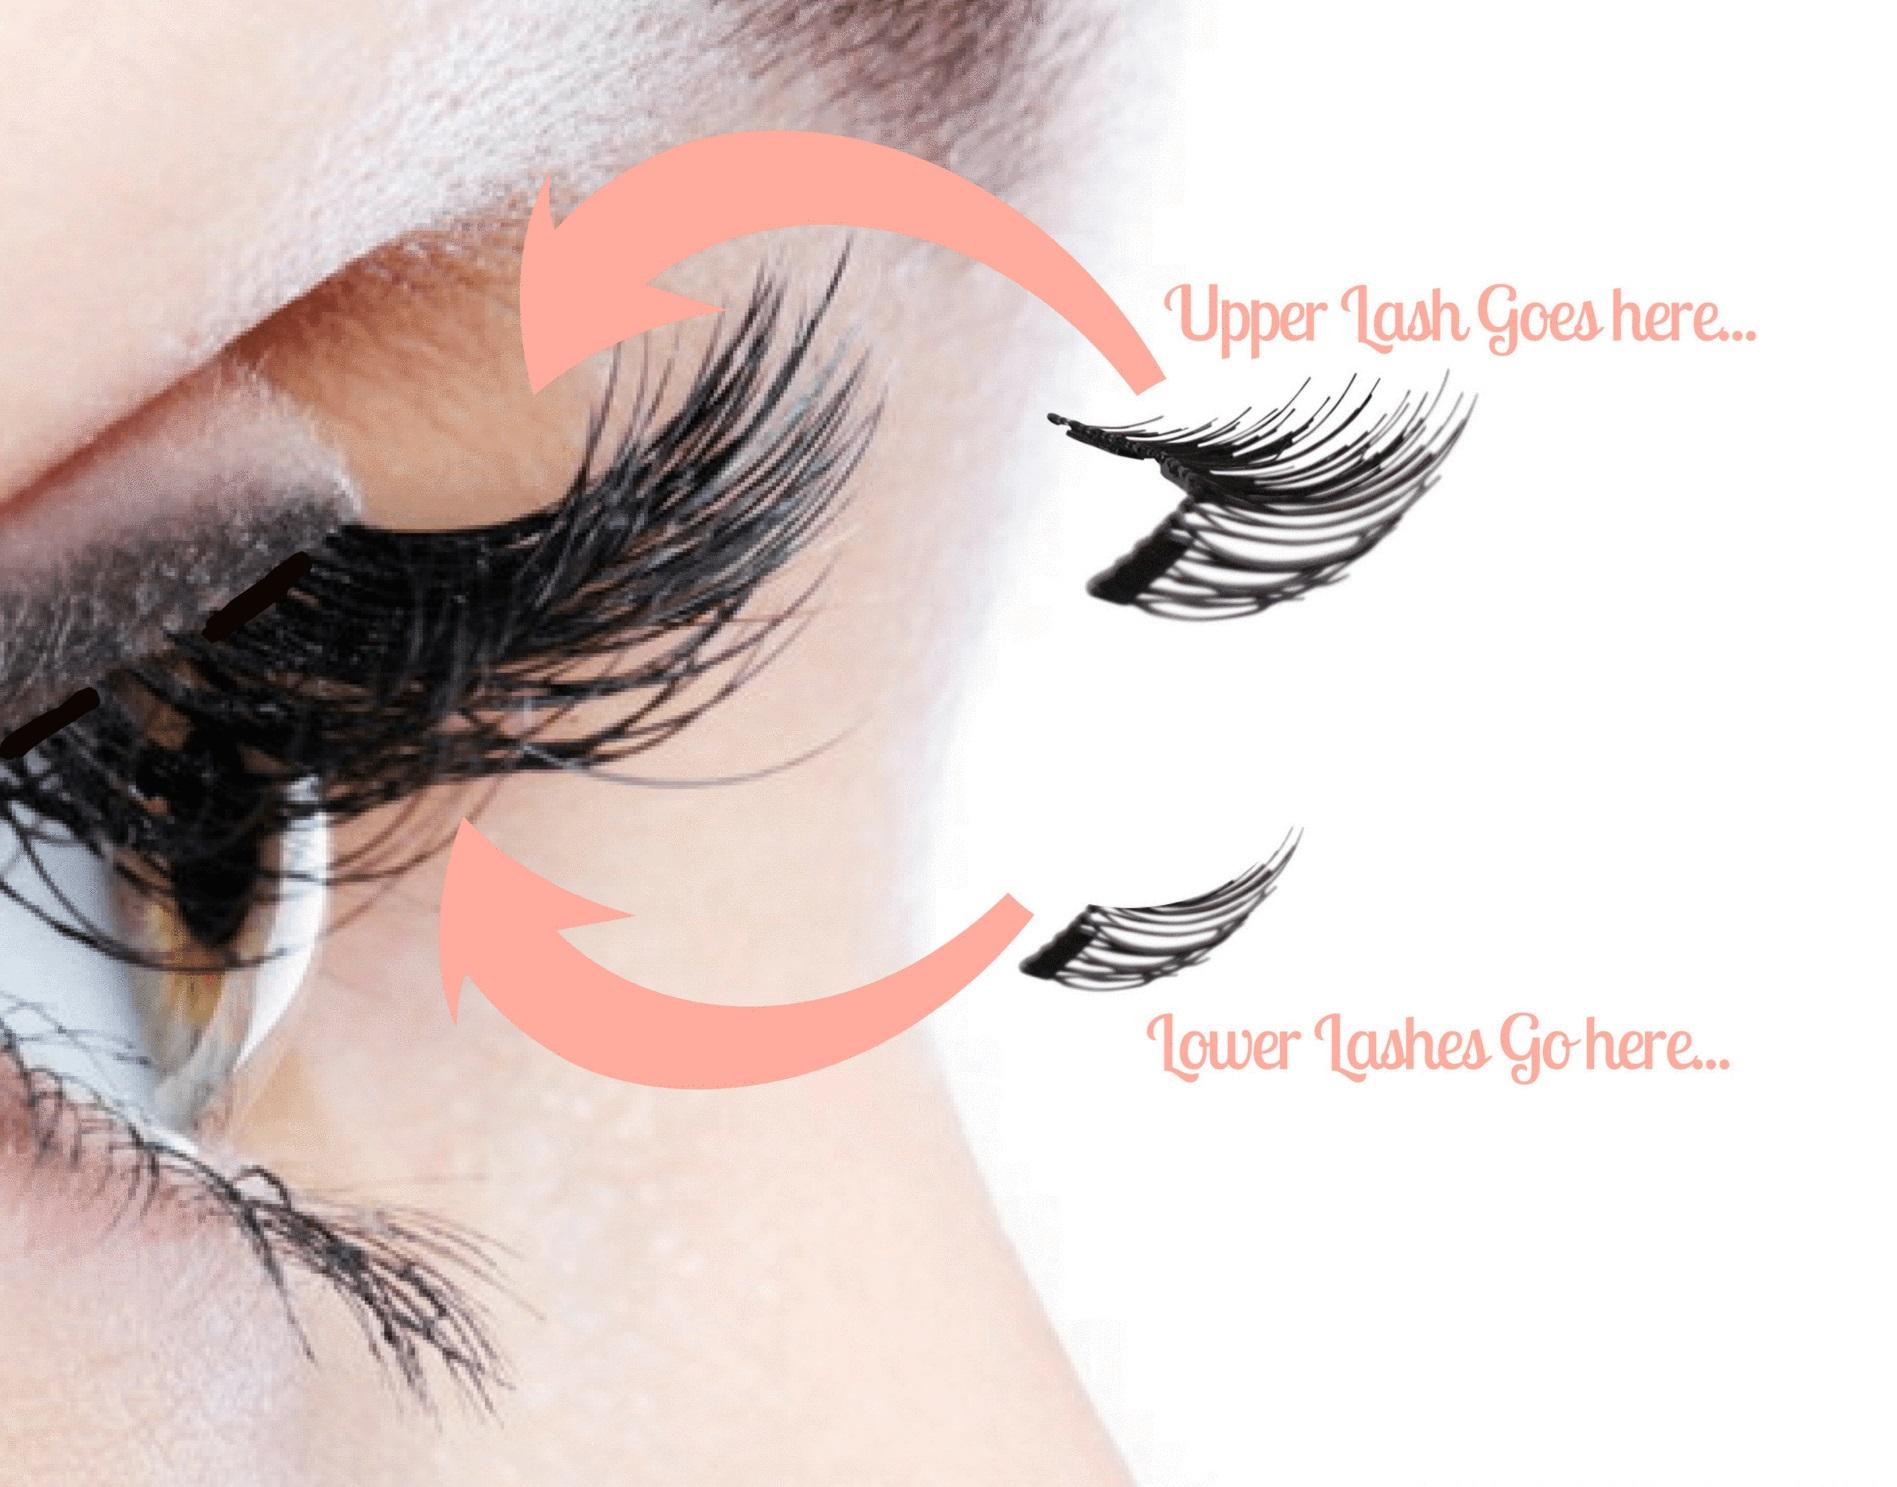 PunjabKesari, Magnetic Eyelashes Image, Beauty Trends 2019 Image